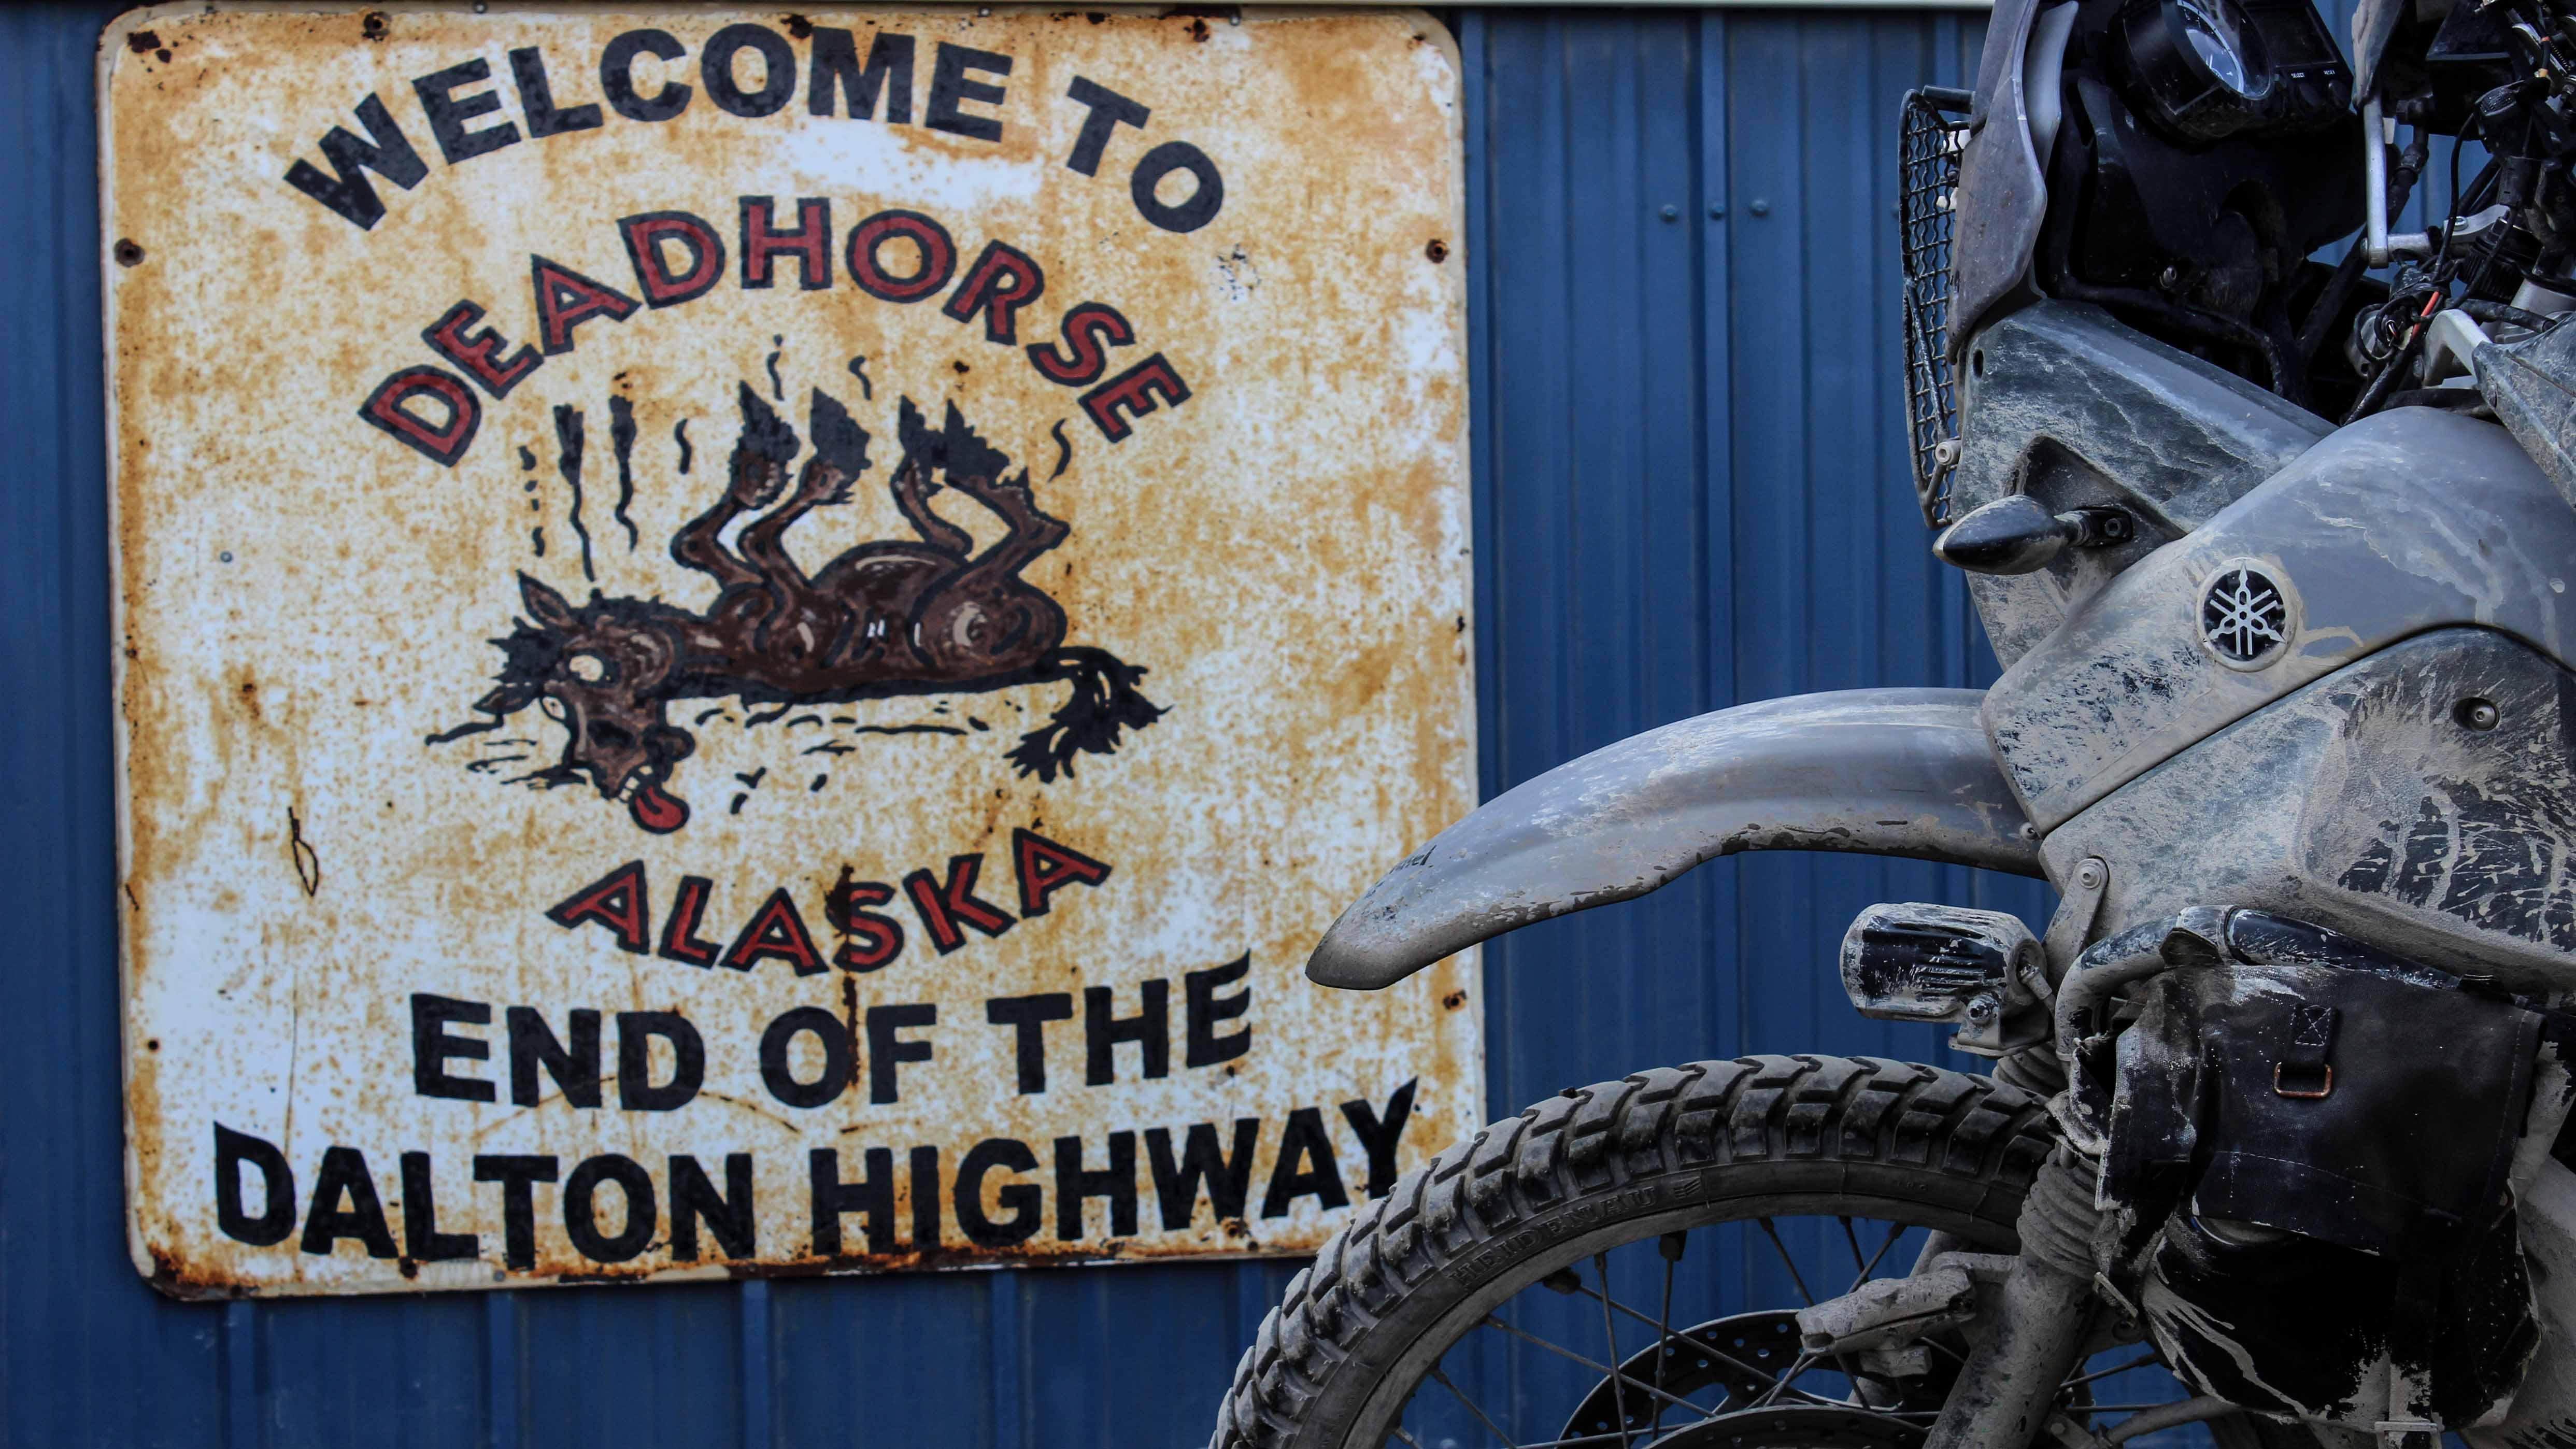 Deadhorse Alaskaklein